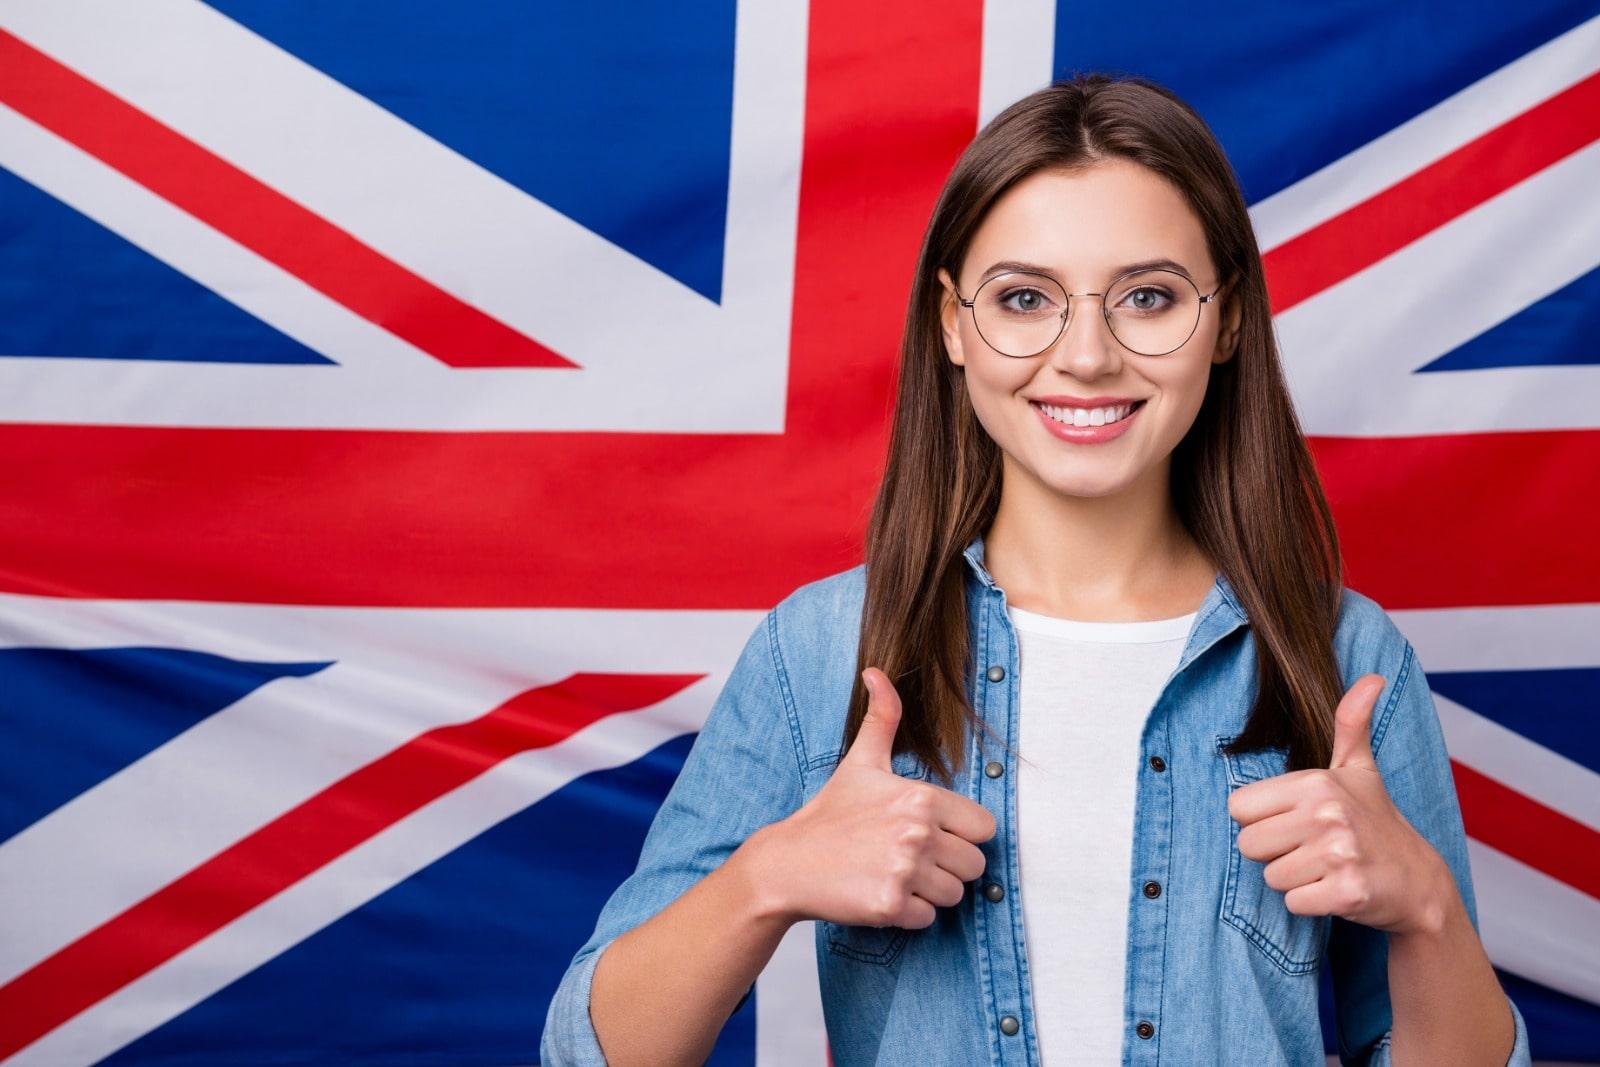 învățământ în uk să studiezi în Marea Britanie